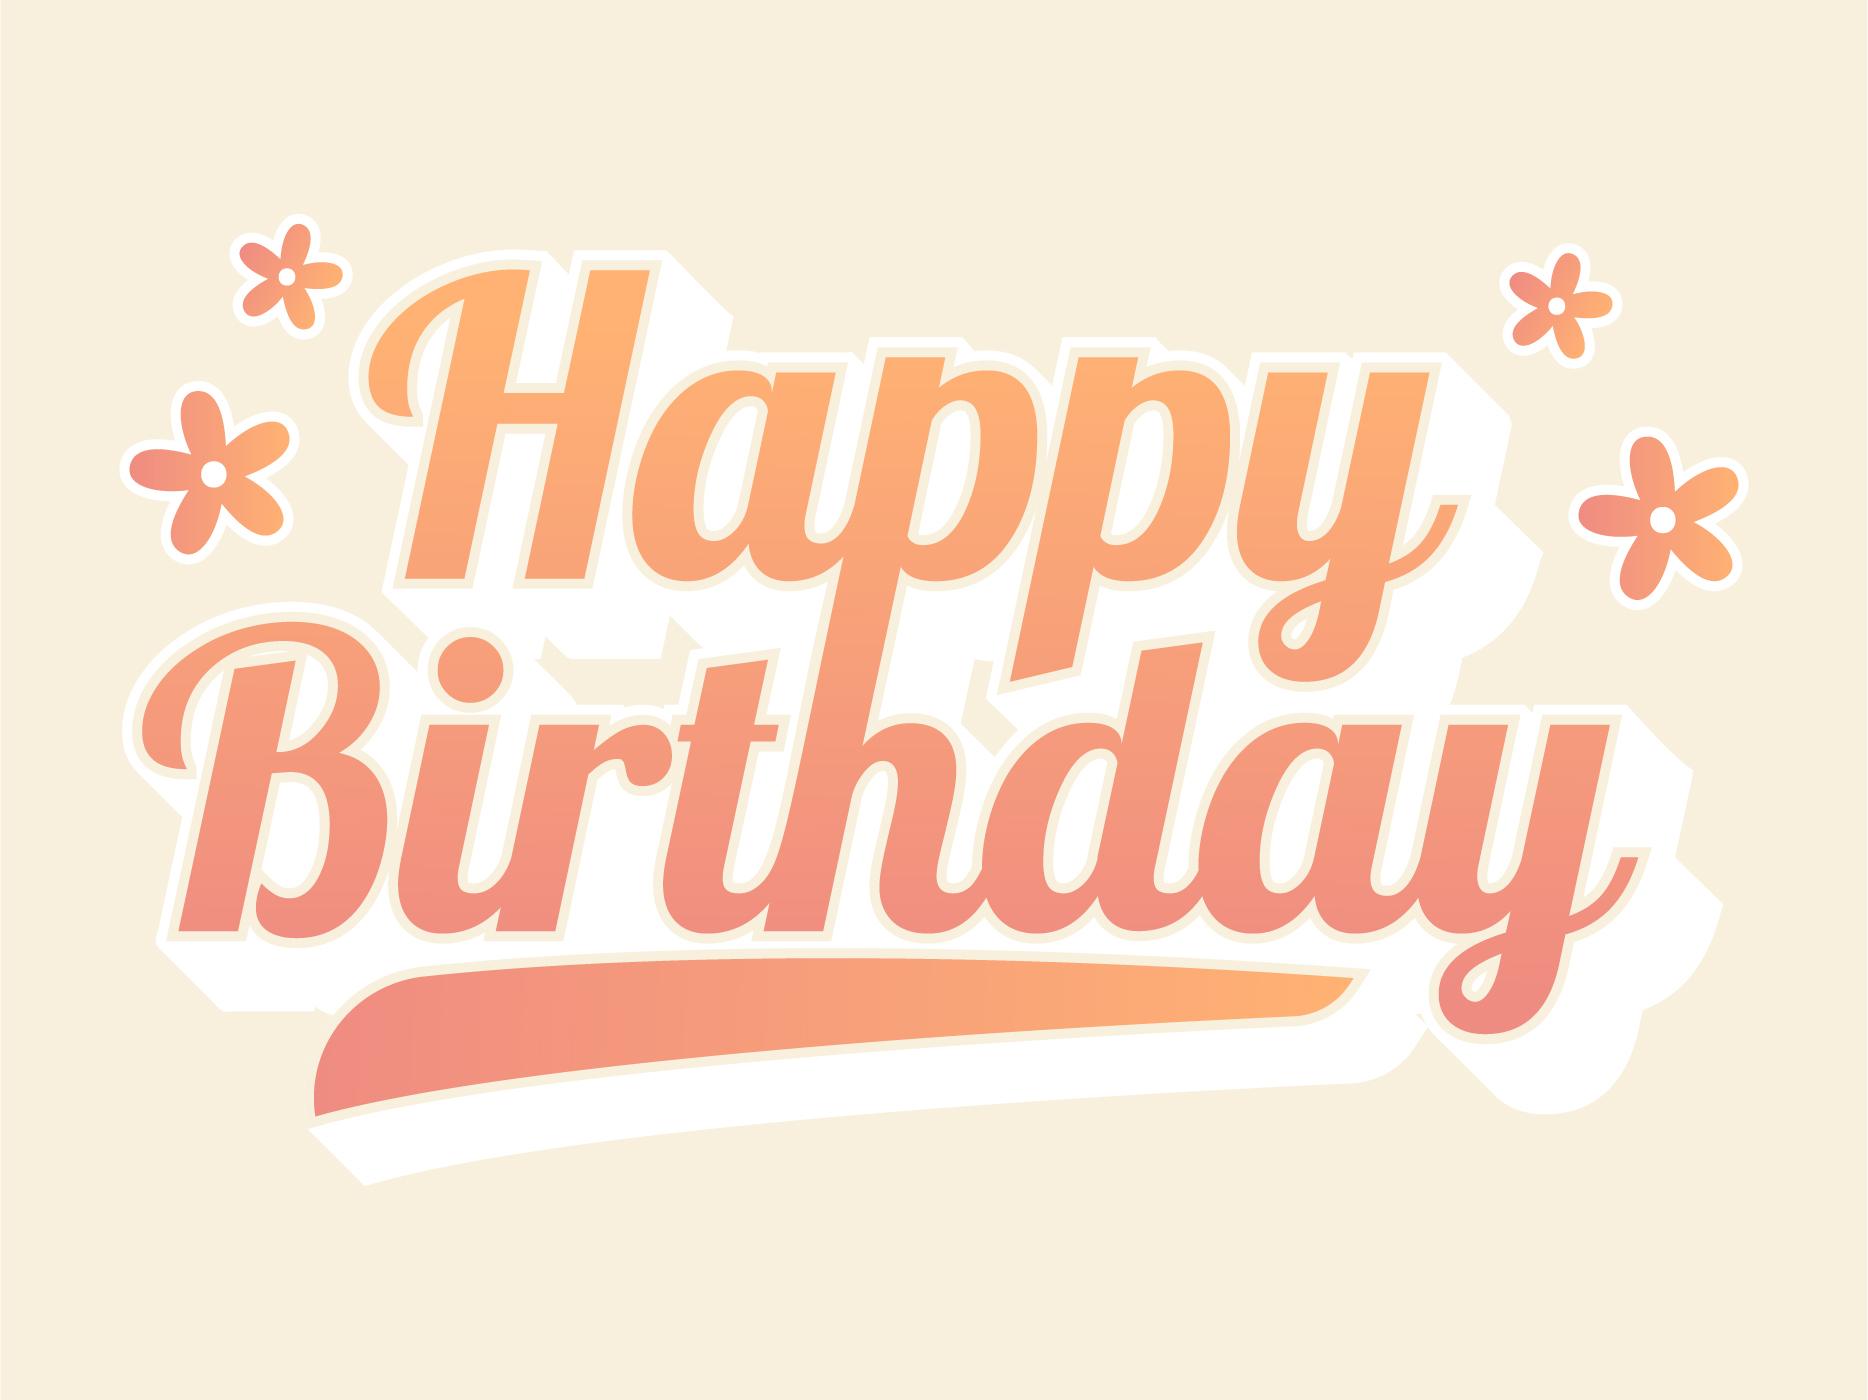 Bilder kostenlos alles gute geburtstag zum ᐅ Geburtstag